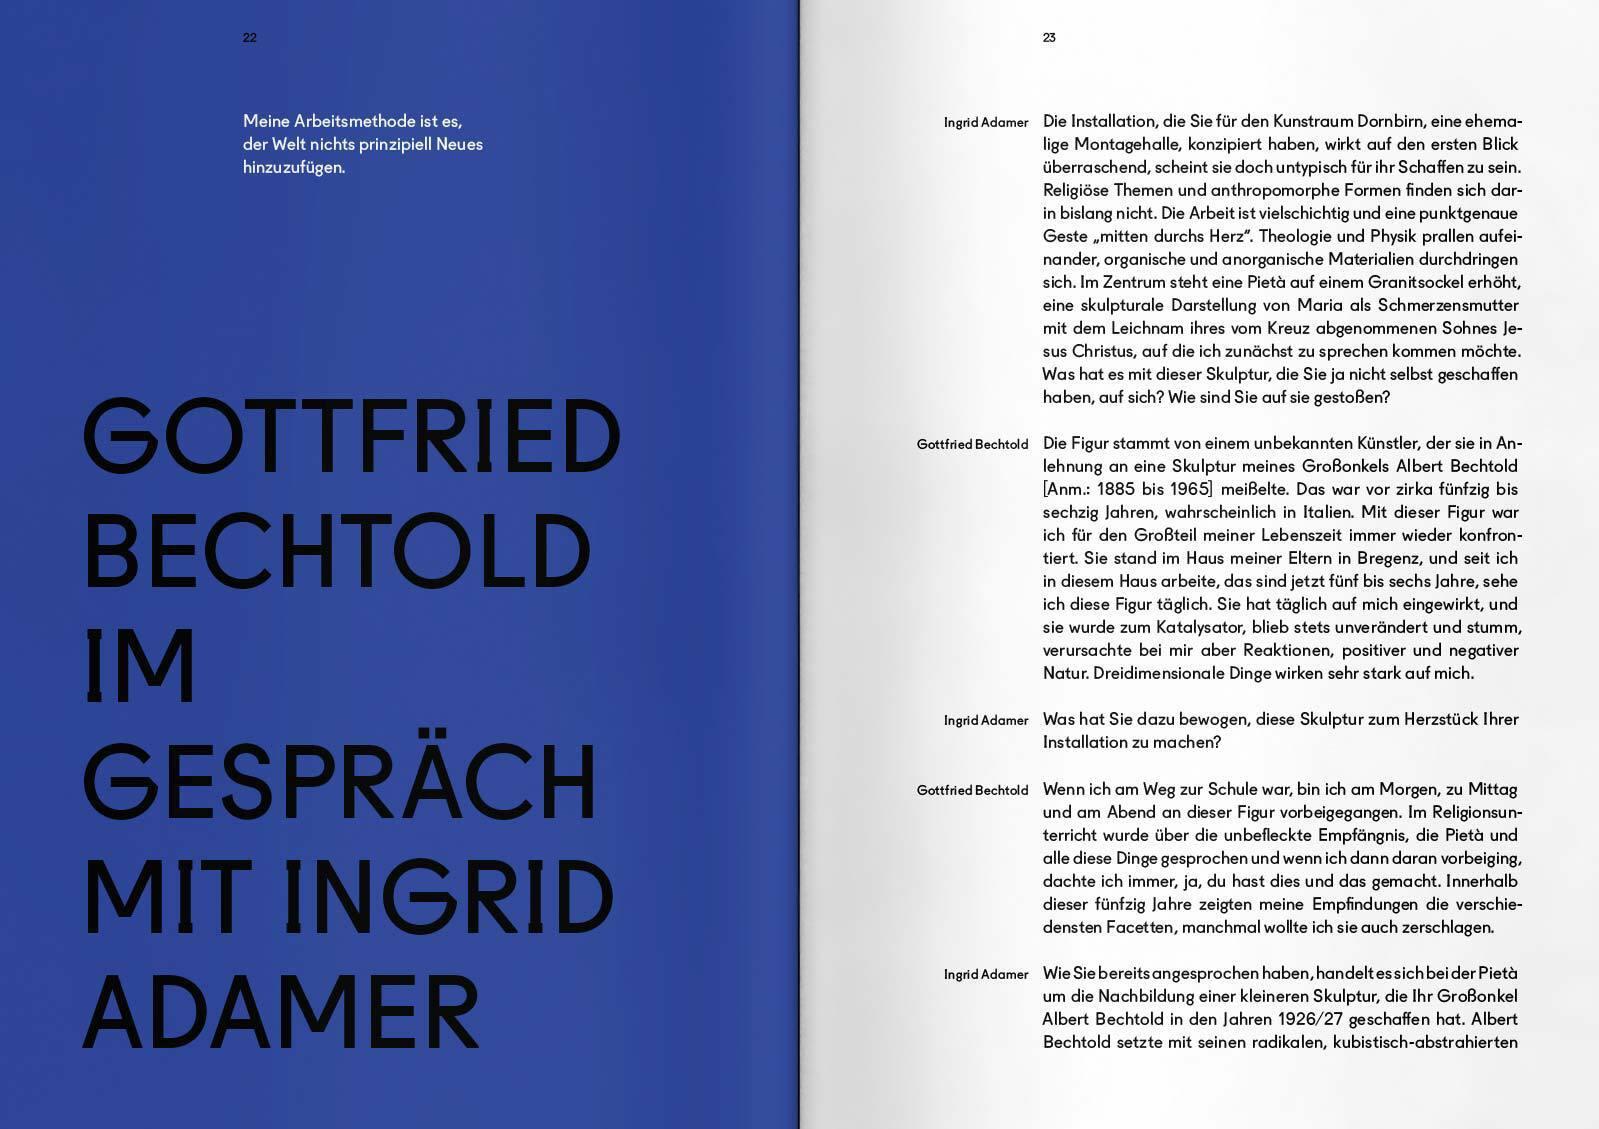 Gottfried Bechtold spread04